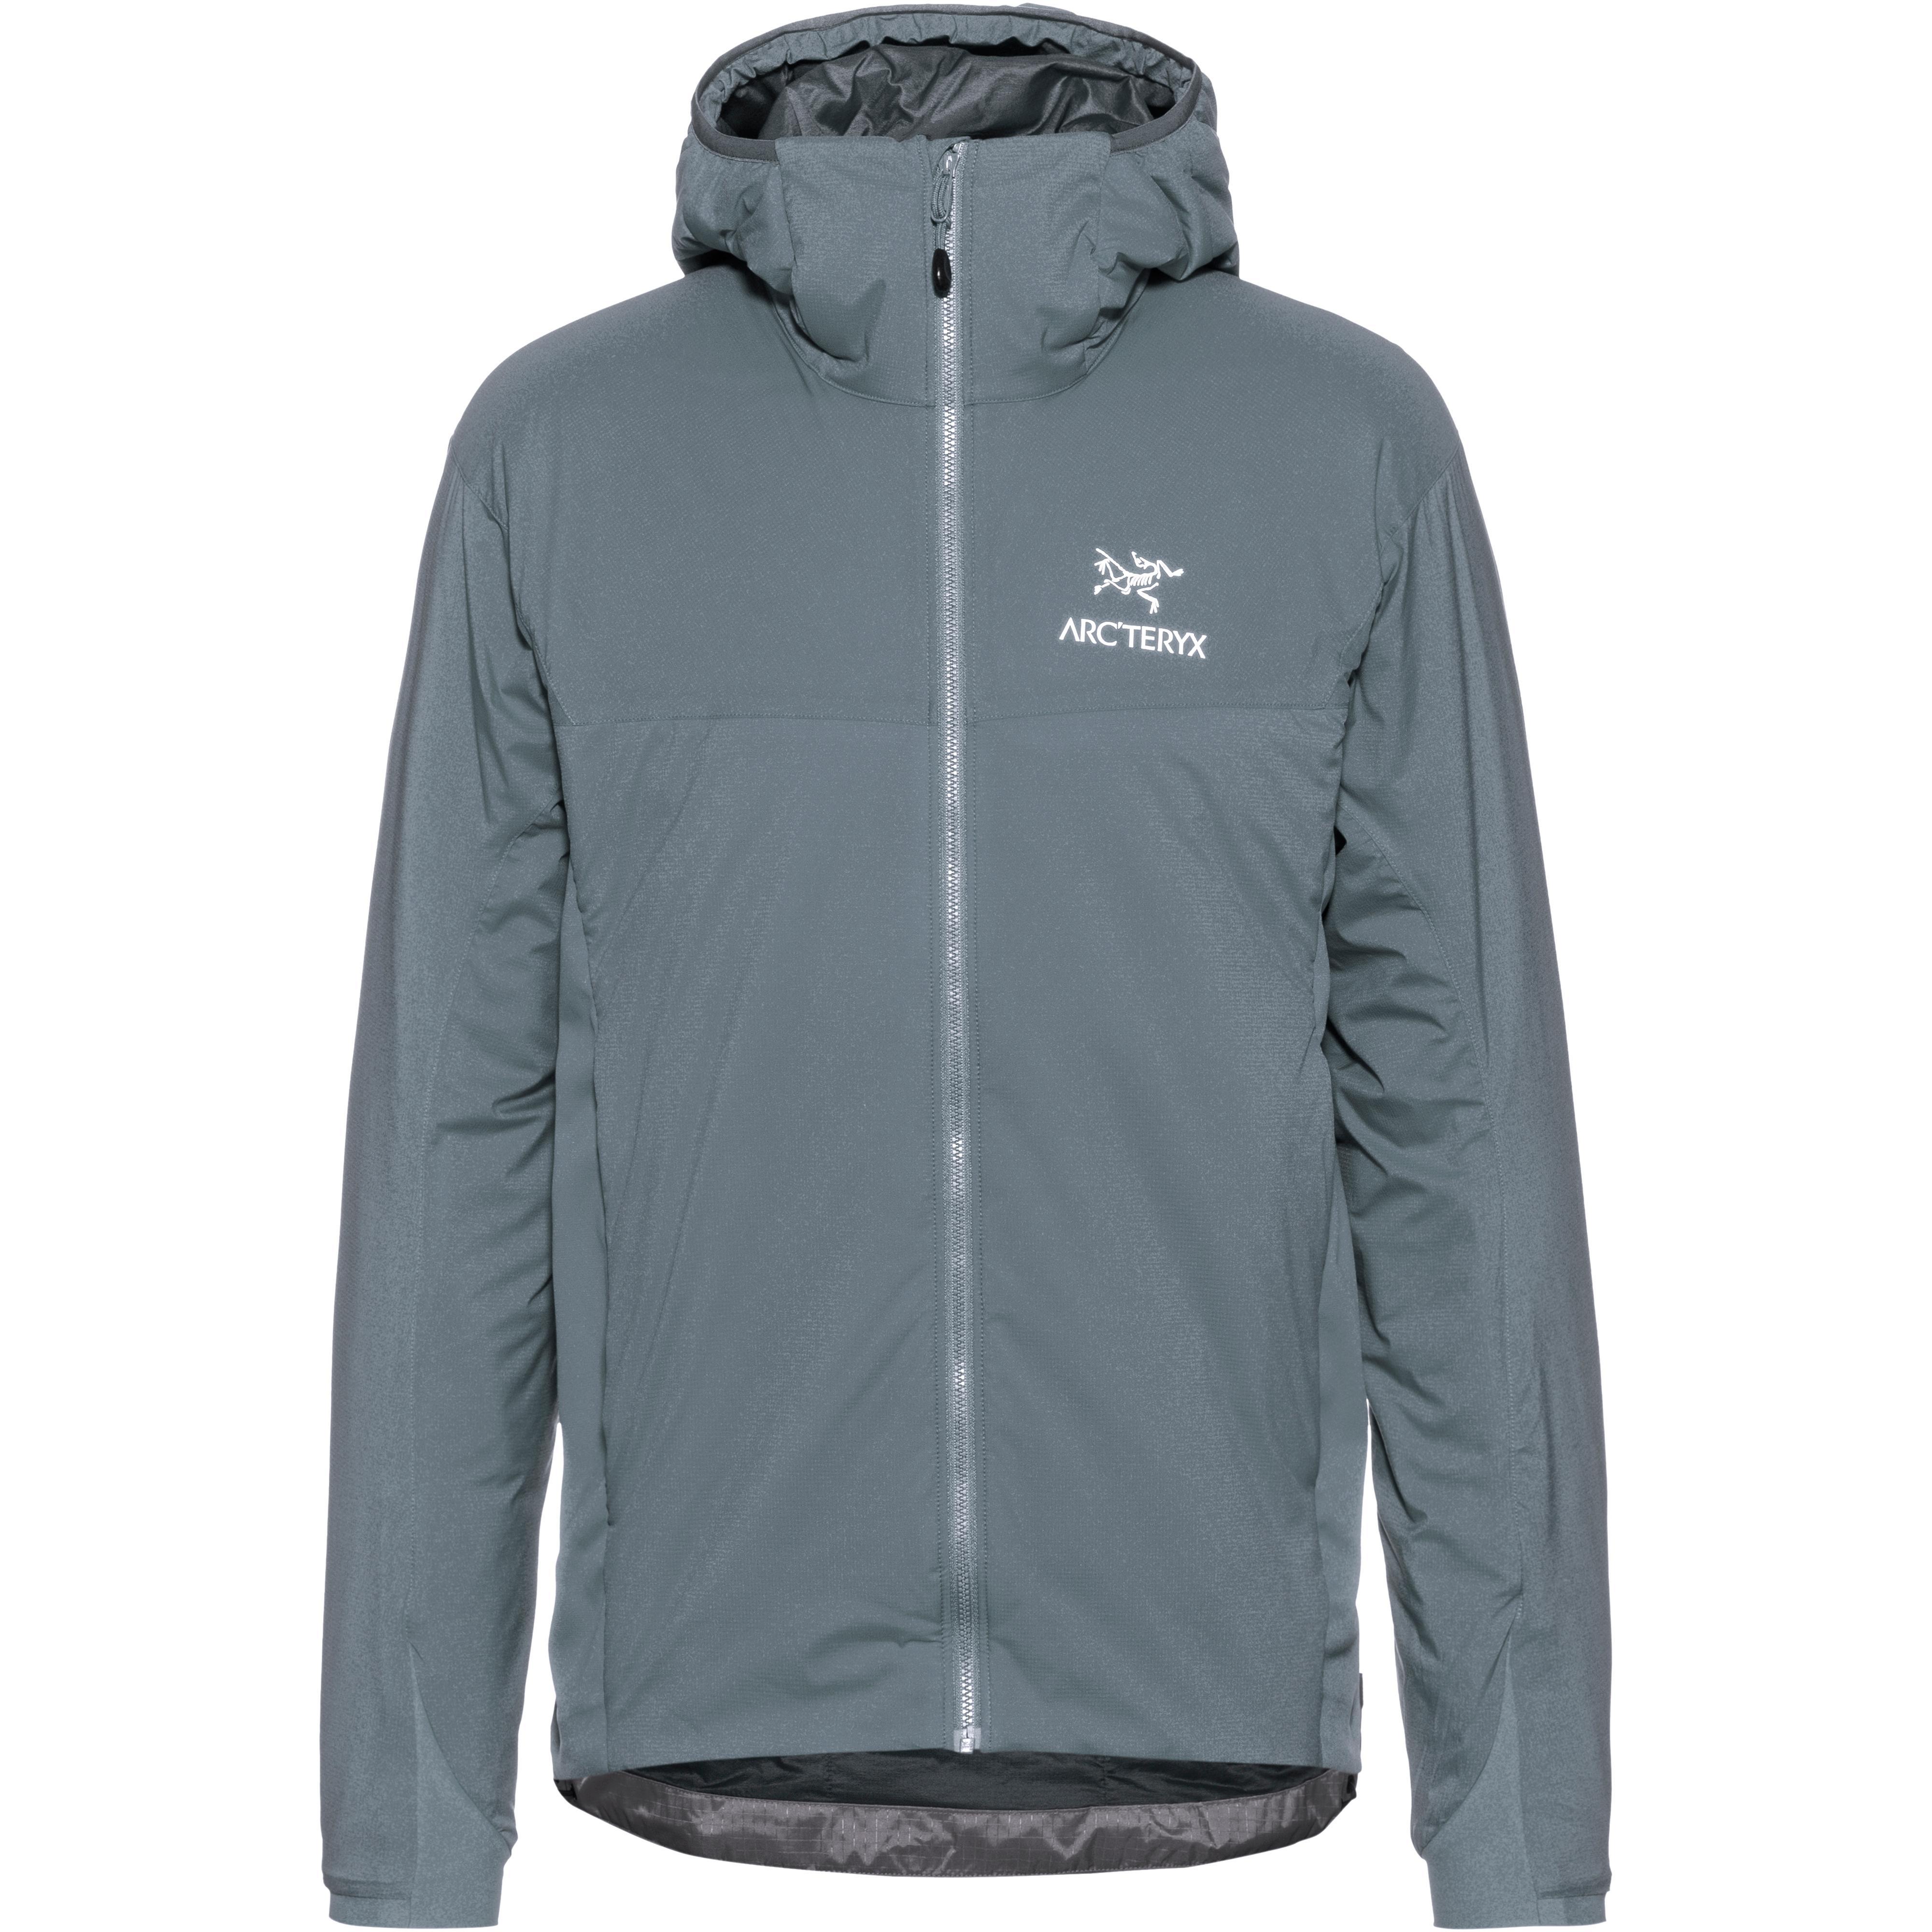 Herren Jacken online günstig kaufen über shop24.at | shop24